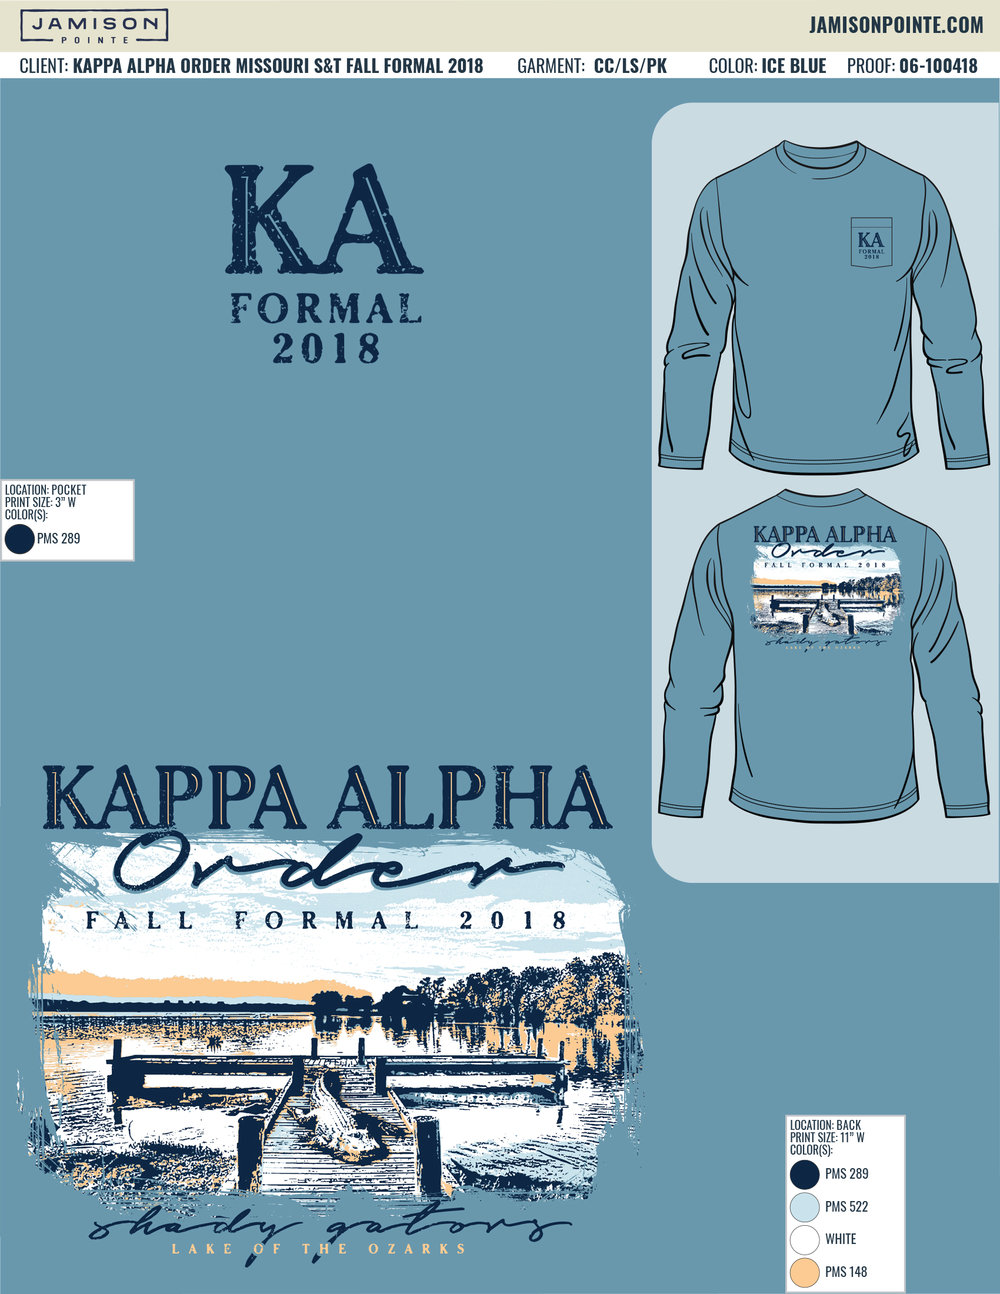 06-100418 Kappa Alpha Order Missouri S&T Fall Formal 2018.jpg